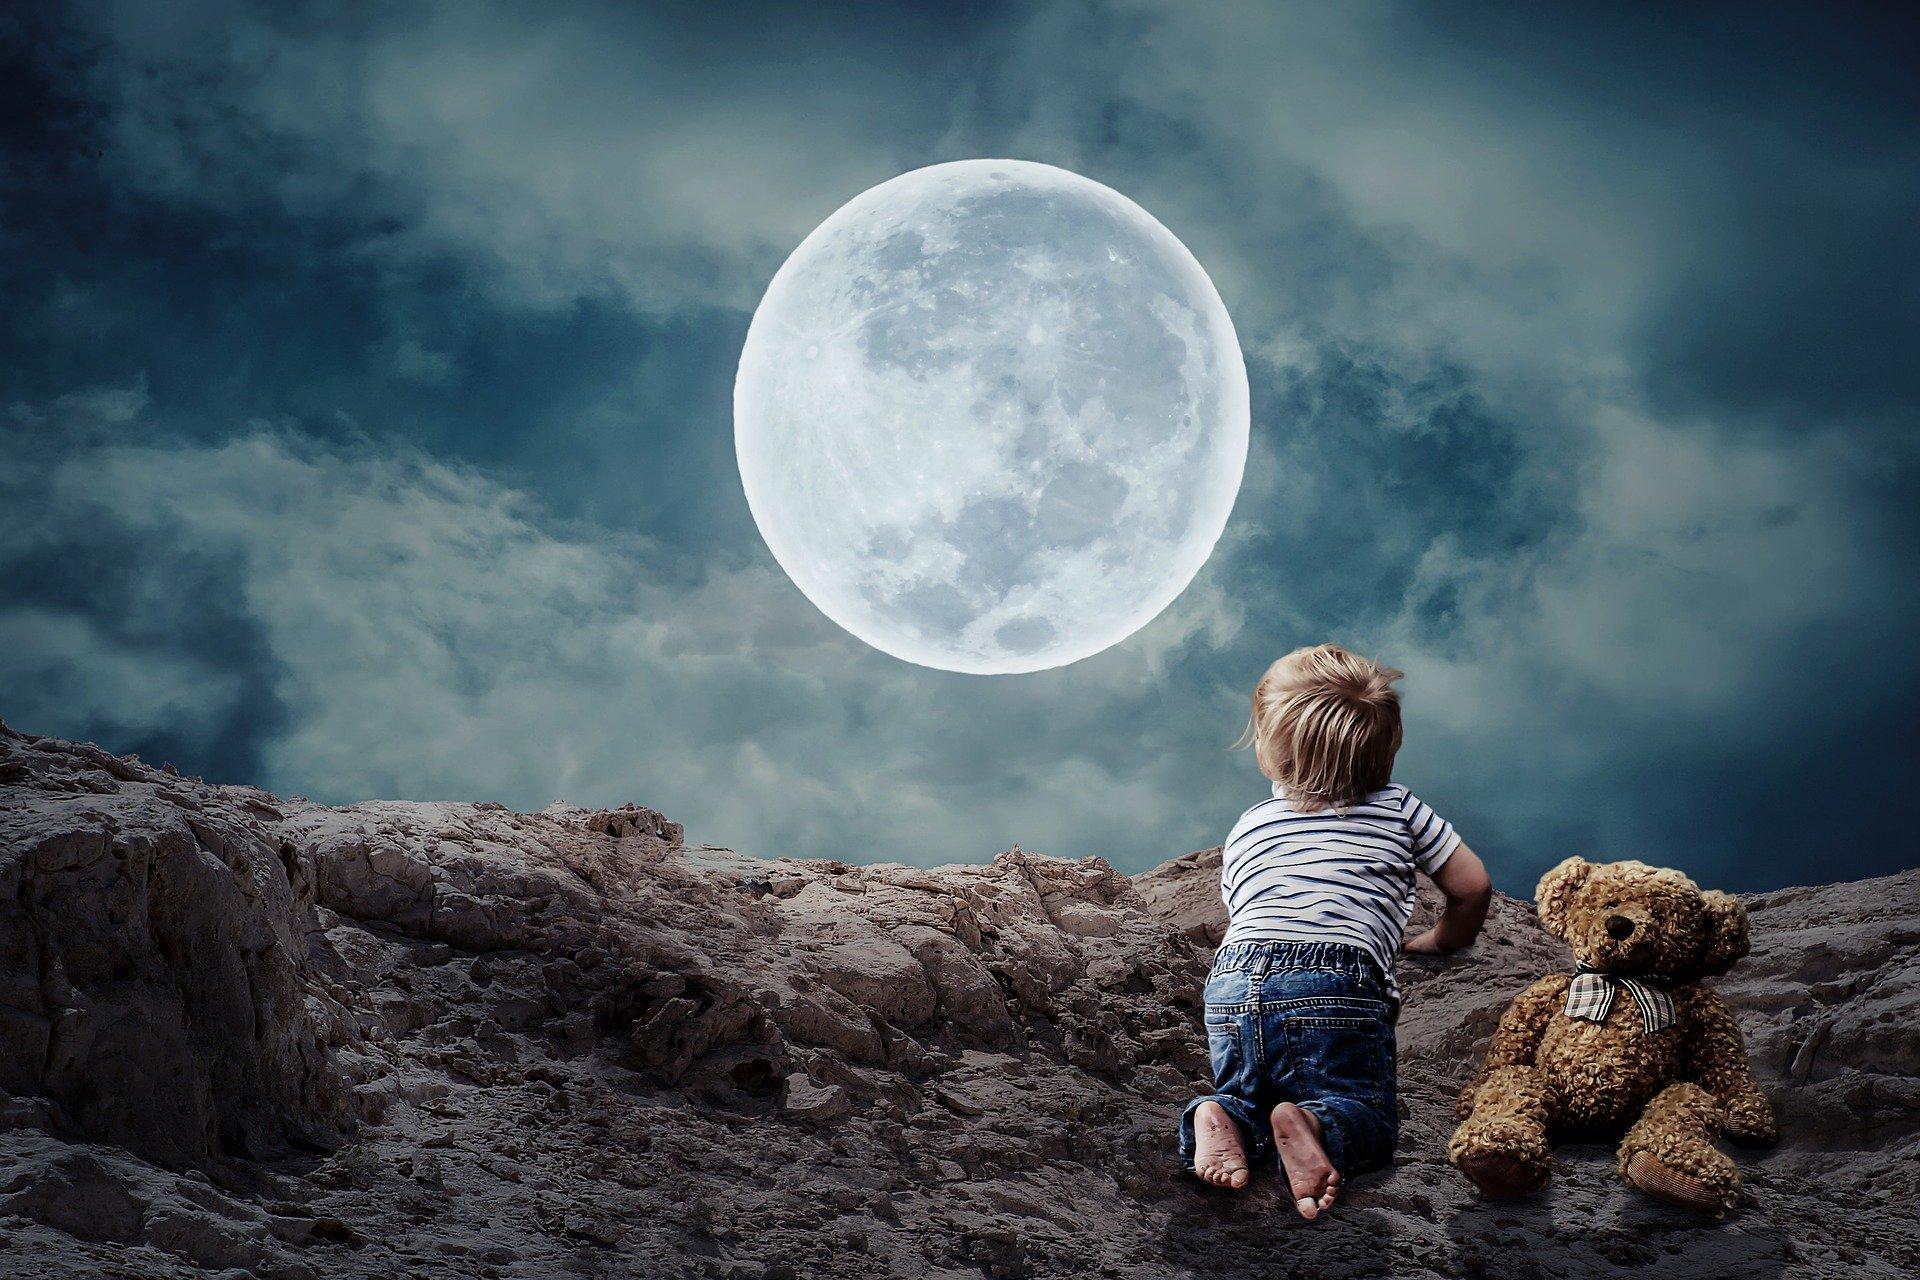 La Lune dans un thème